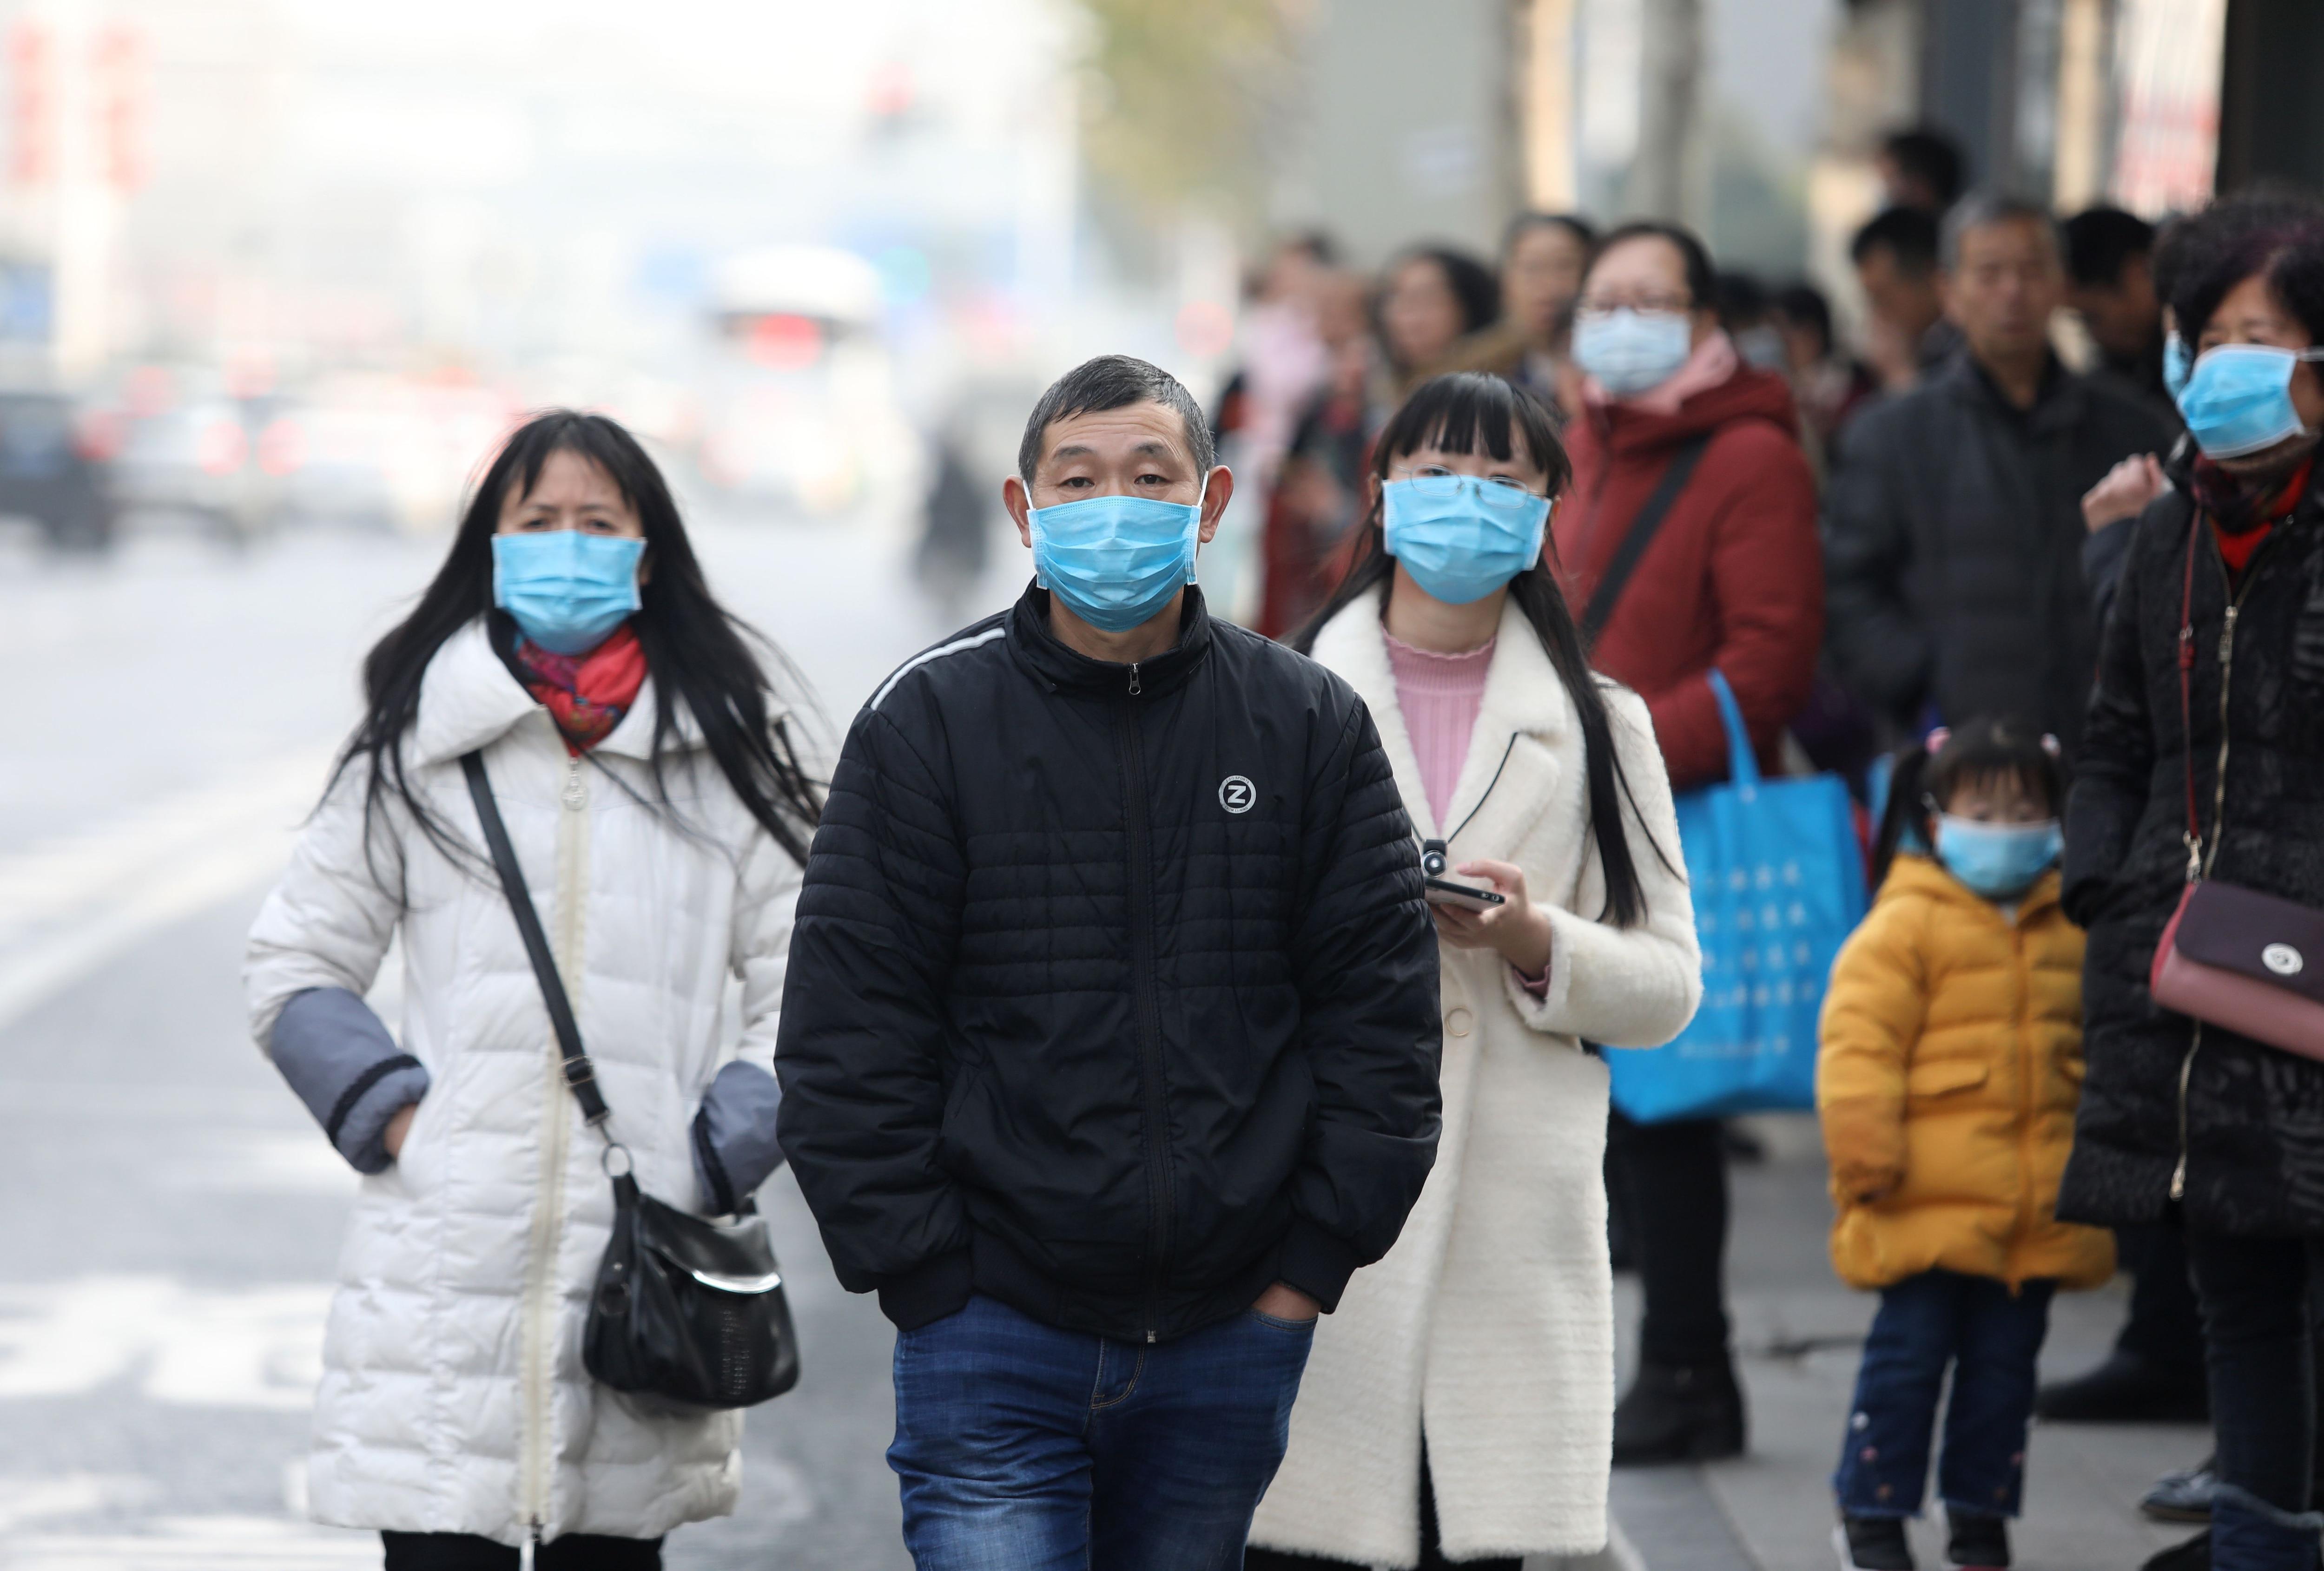 Los mercados de animales silvestres y domésticos en Wuhan, China, han sido señalados como potenciales fuentes de transmisión del coronavirus (EFE/EPA/STR/Archivo)